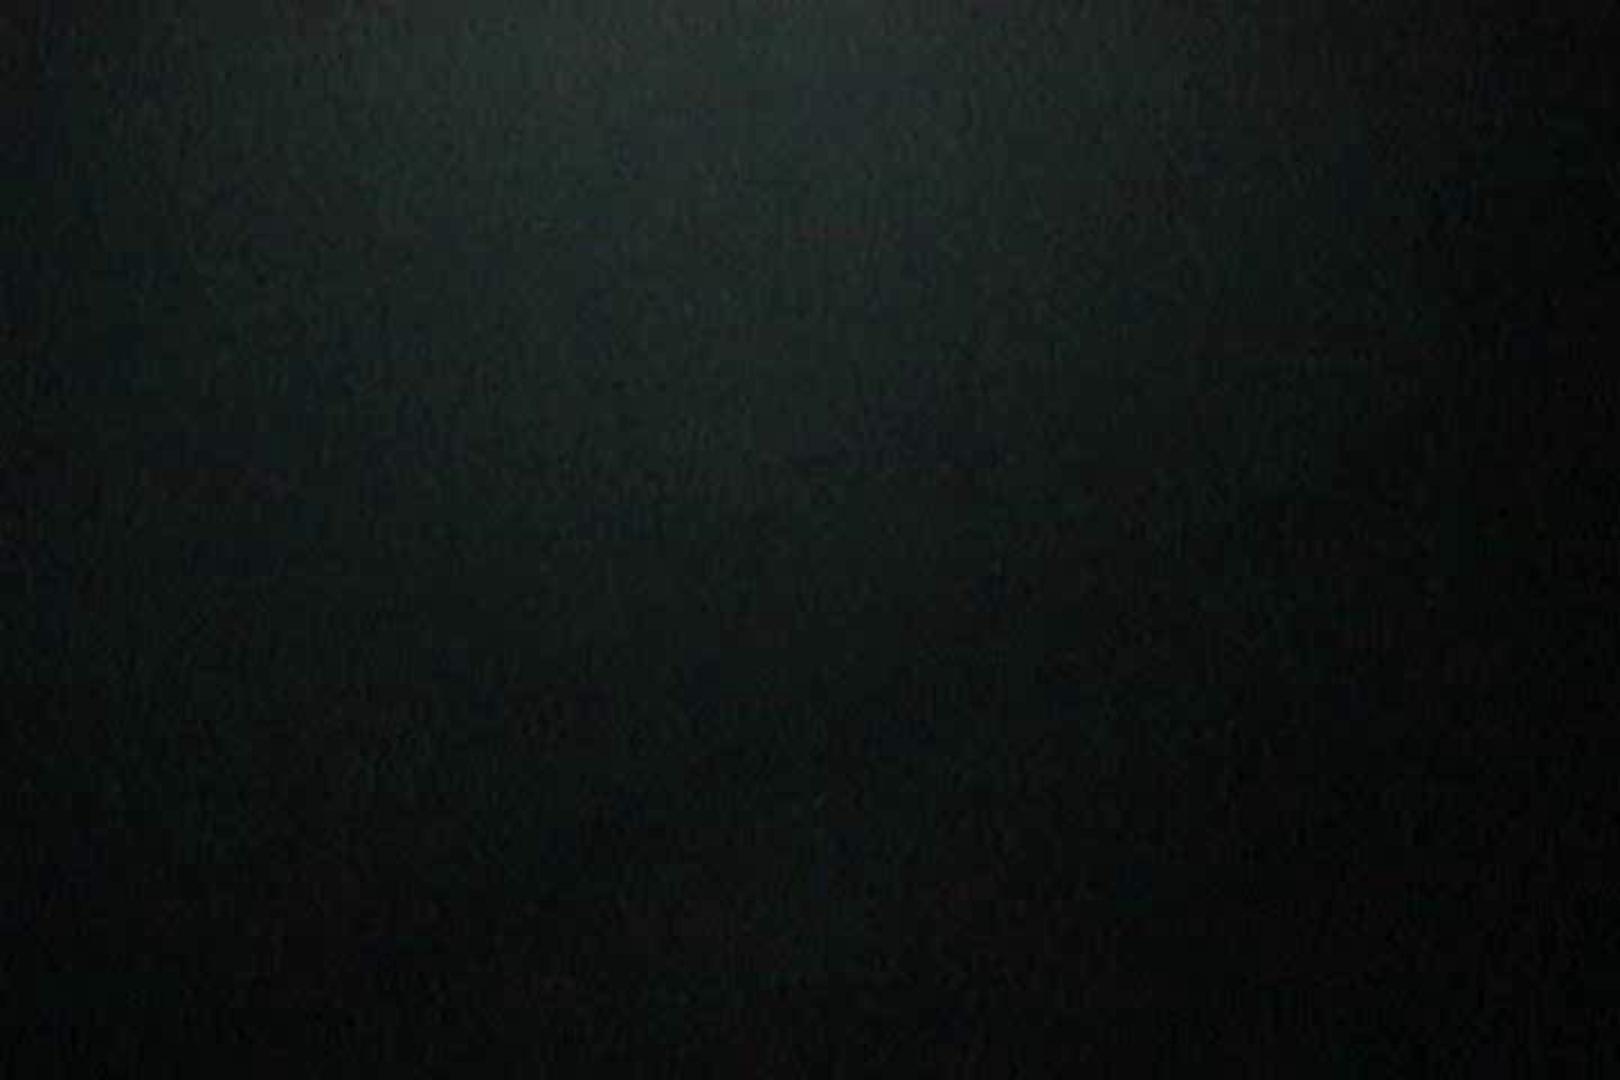 充血監督の深夜の運動会Vol.8 おっぱい オマンコ無修正動画無料 106画像 93